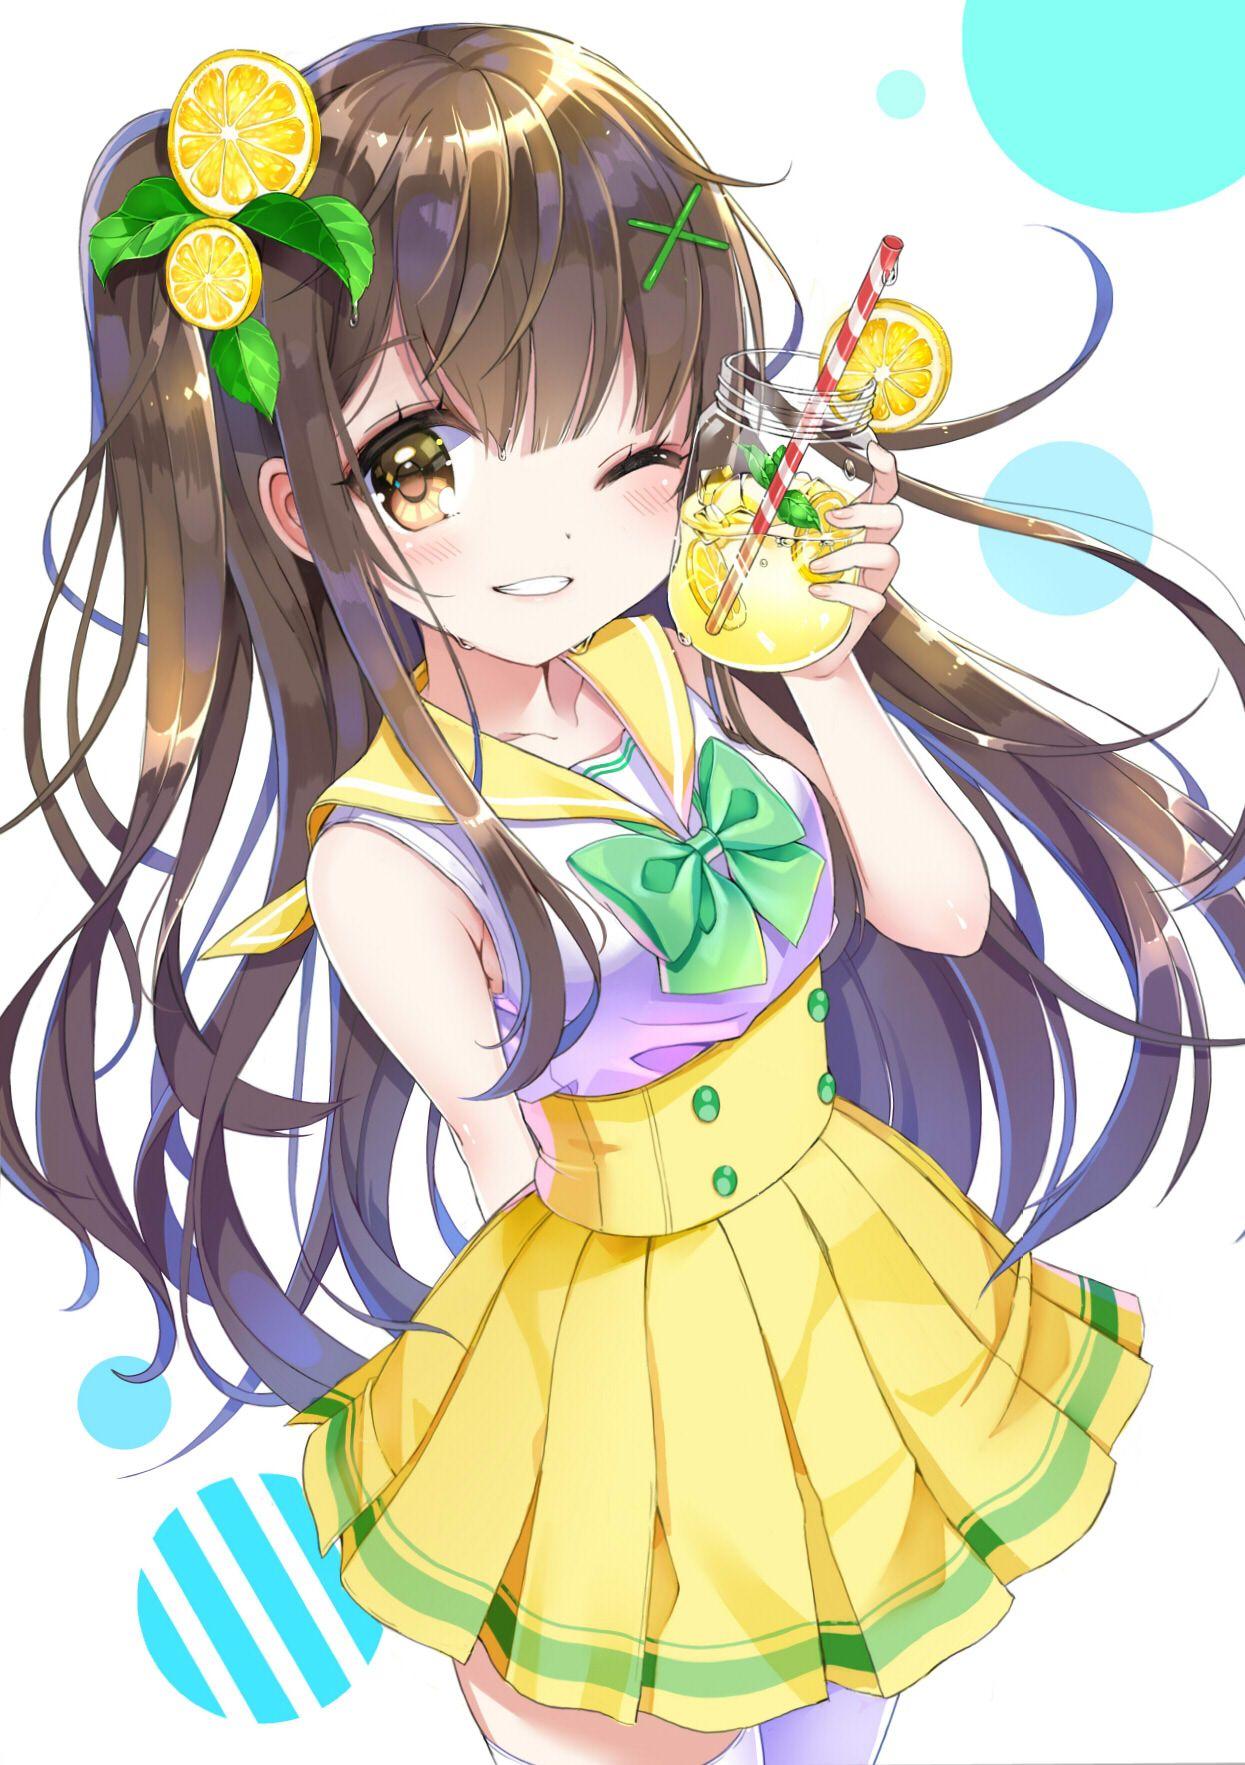 Kết quả hình ảnh cho hình ảnh anime đẹp nhất